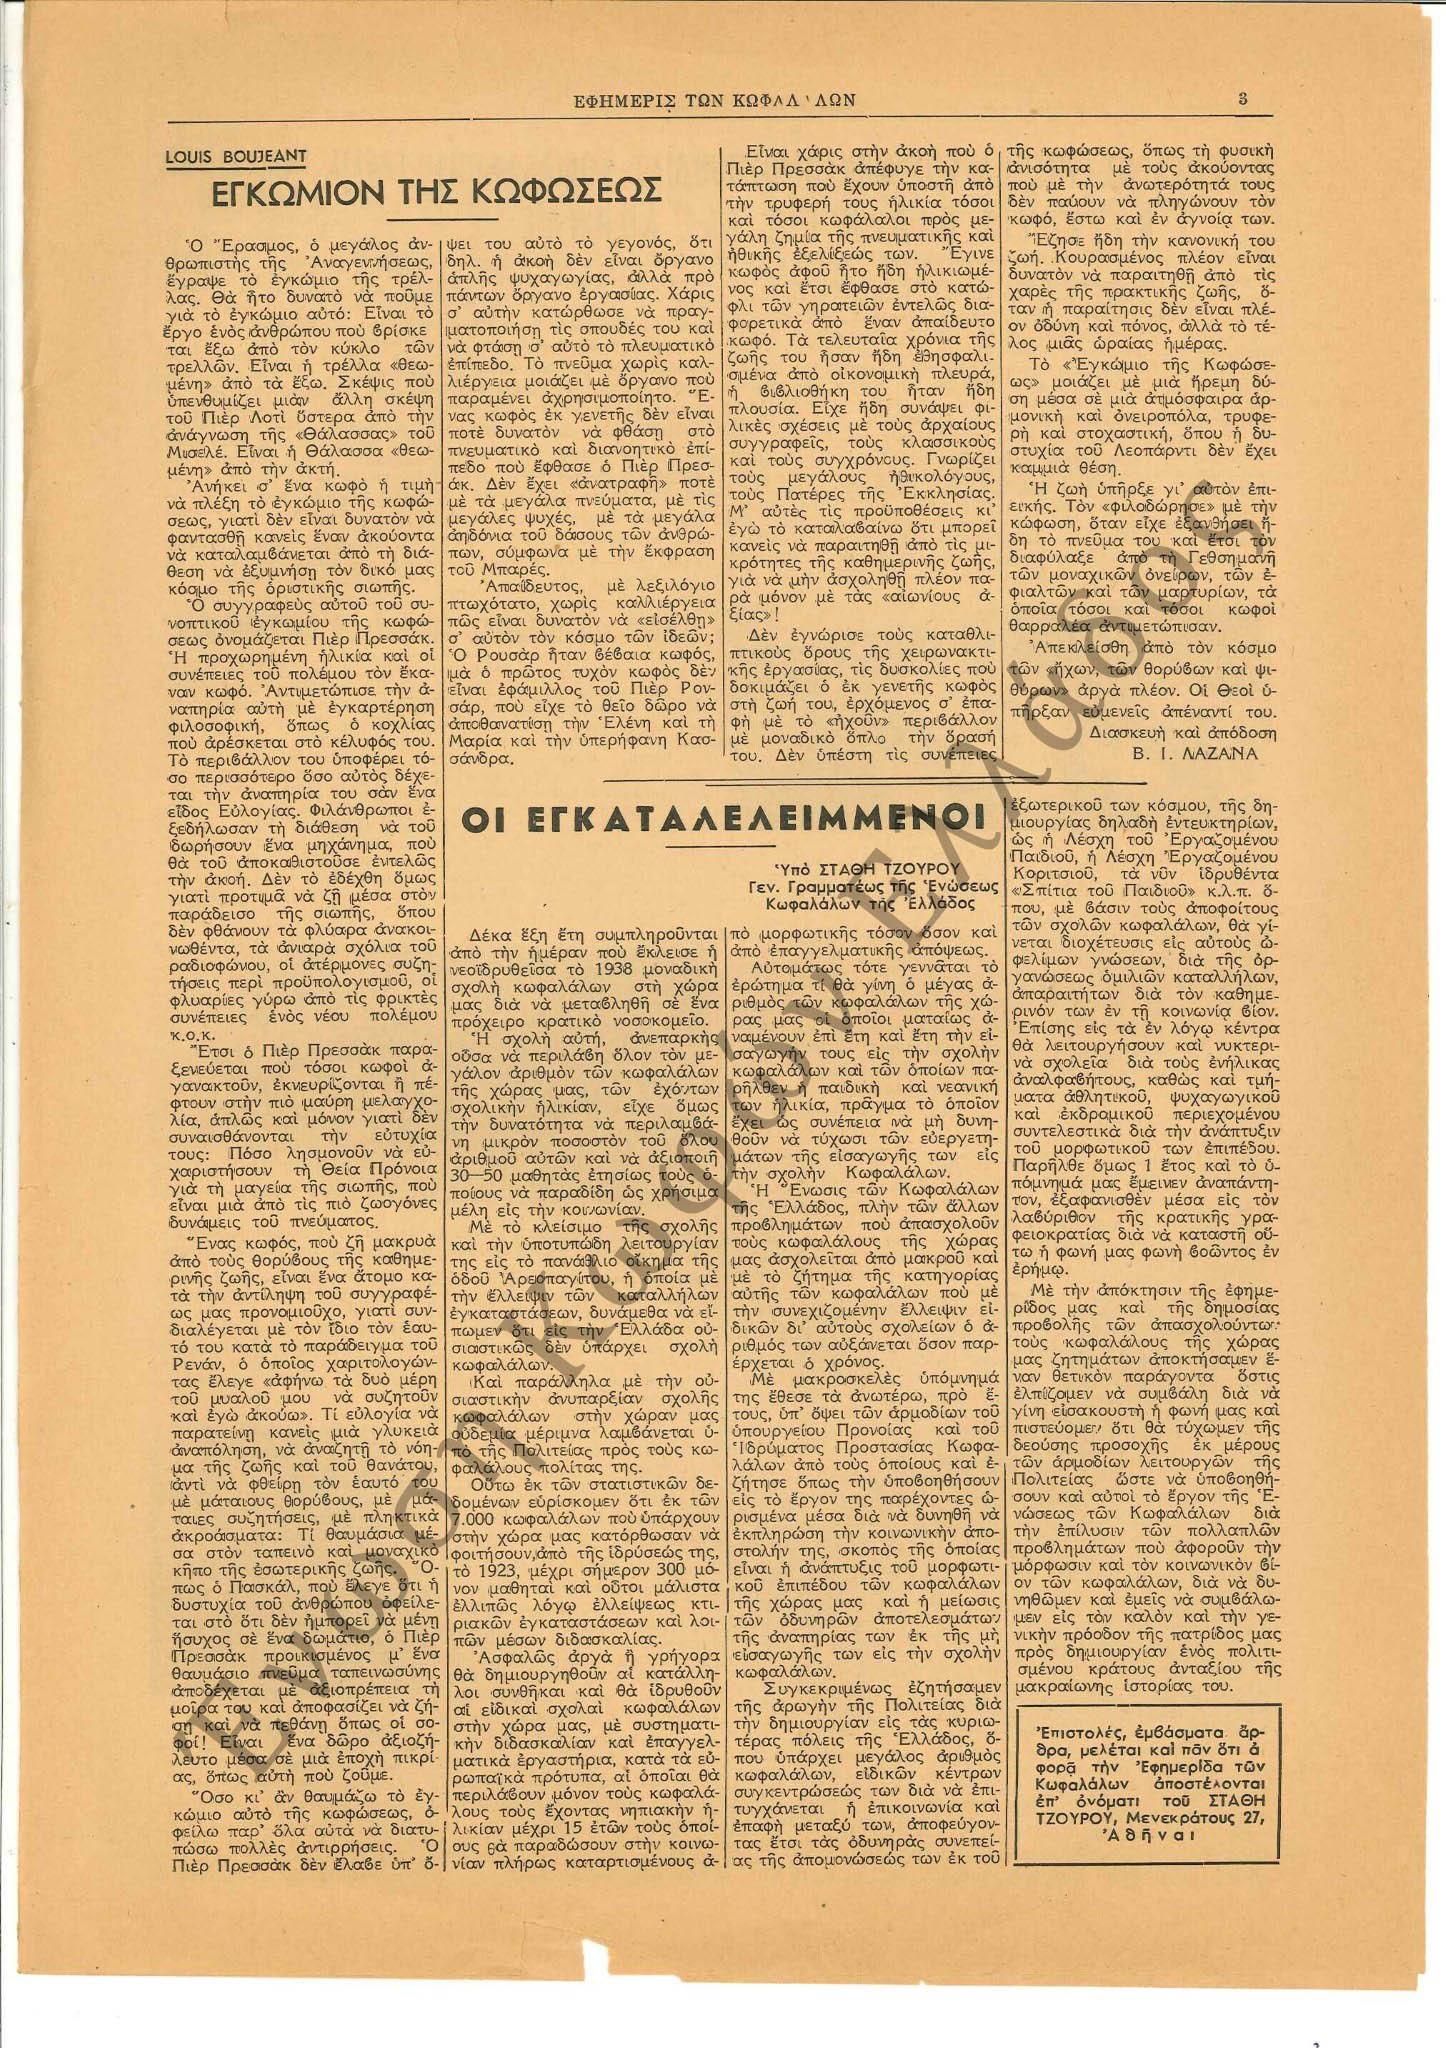 Εφημερίς των Κωφαλάλων 1956-Νοέμβριος 3